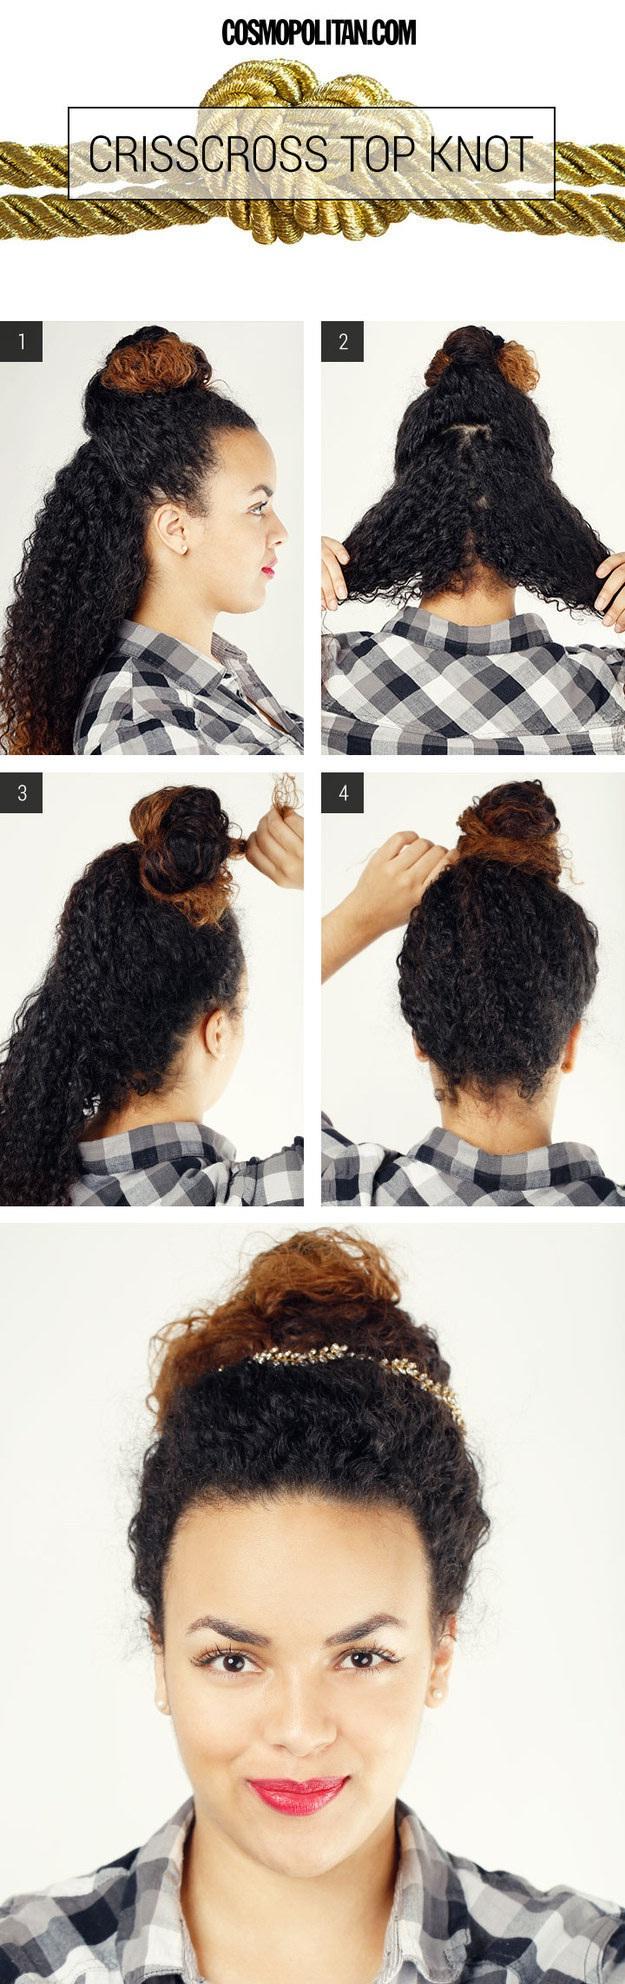 Coiffures-Pratiques-Sur-Cheveux-Bouclés-13